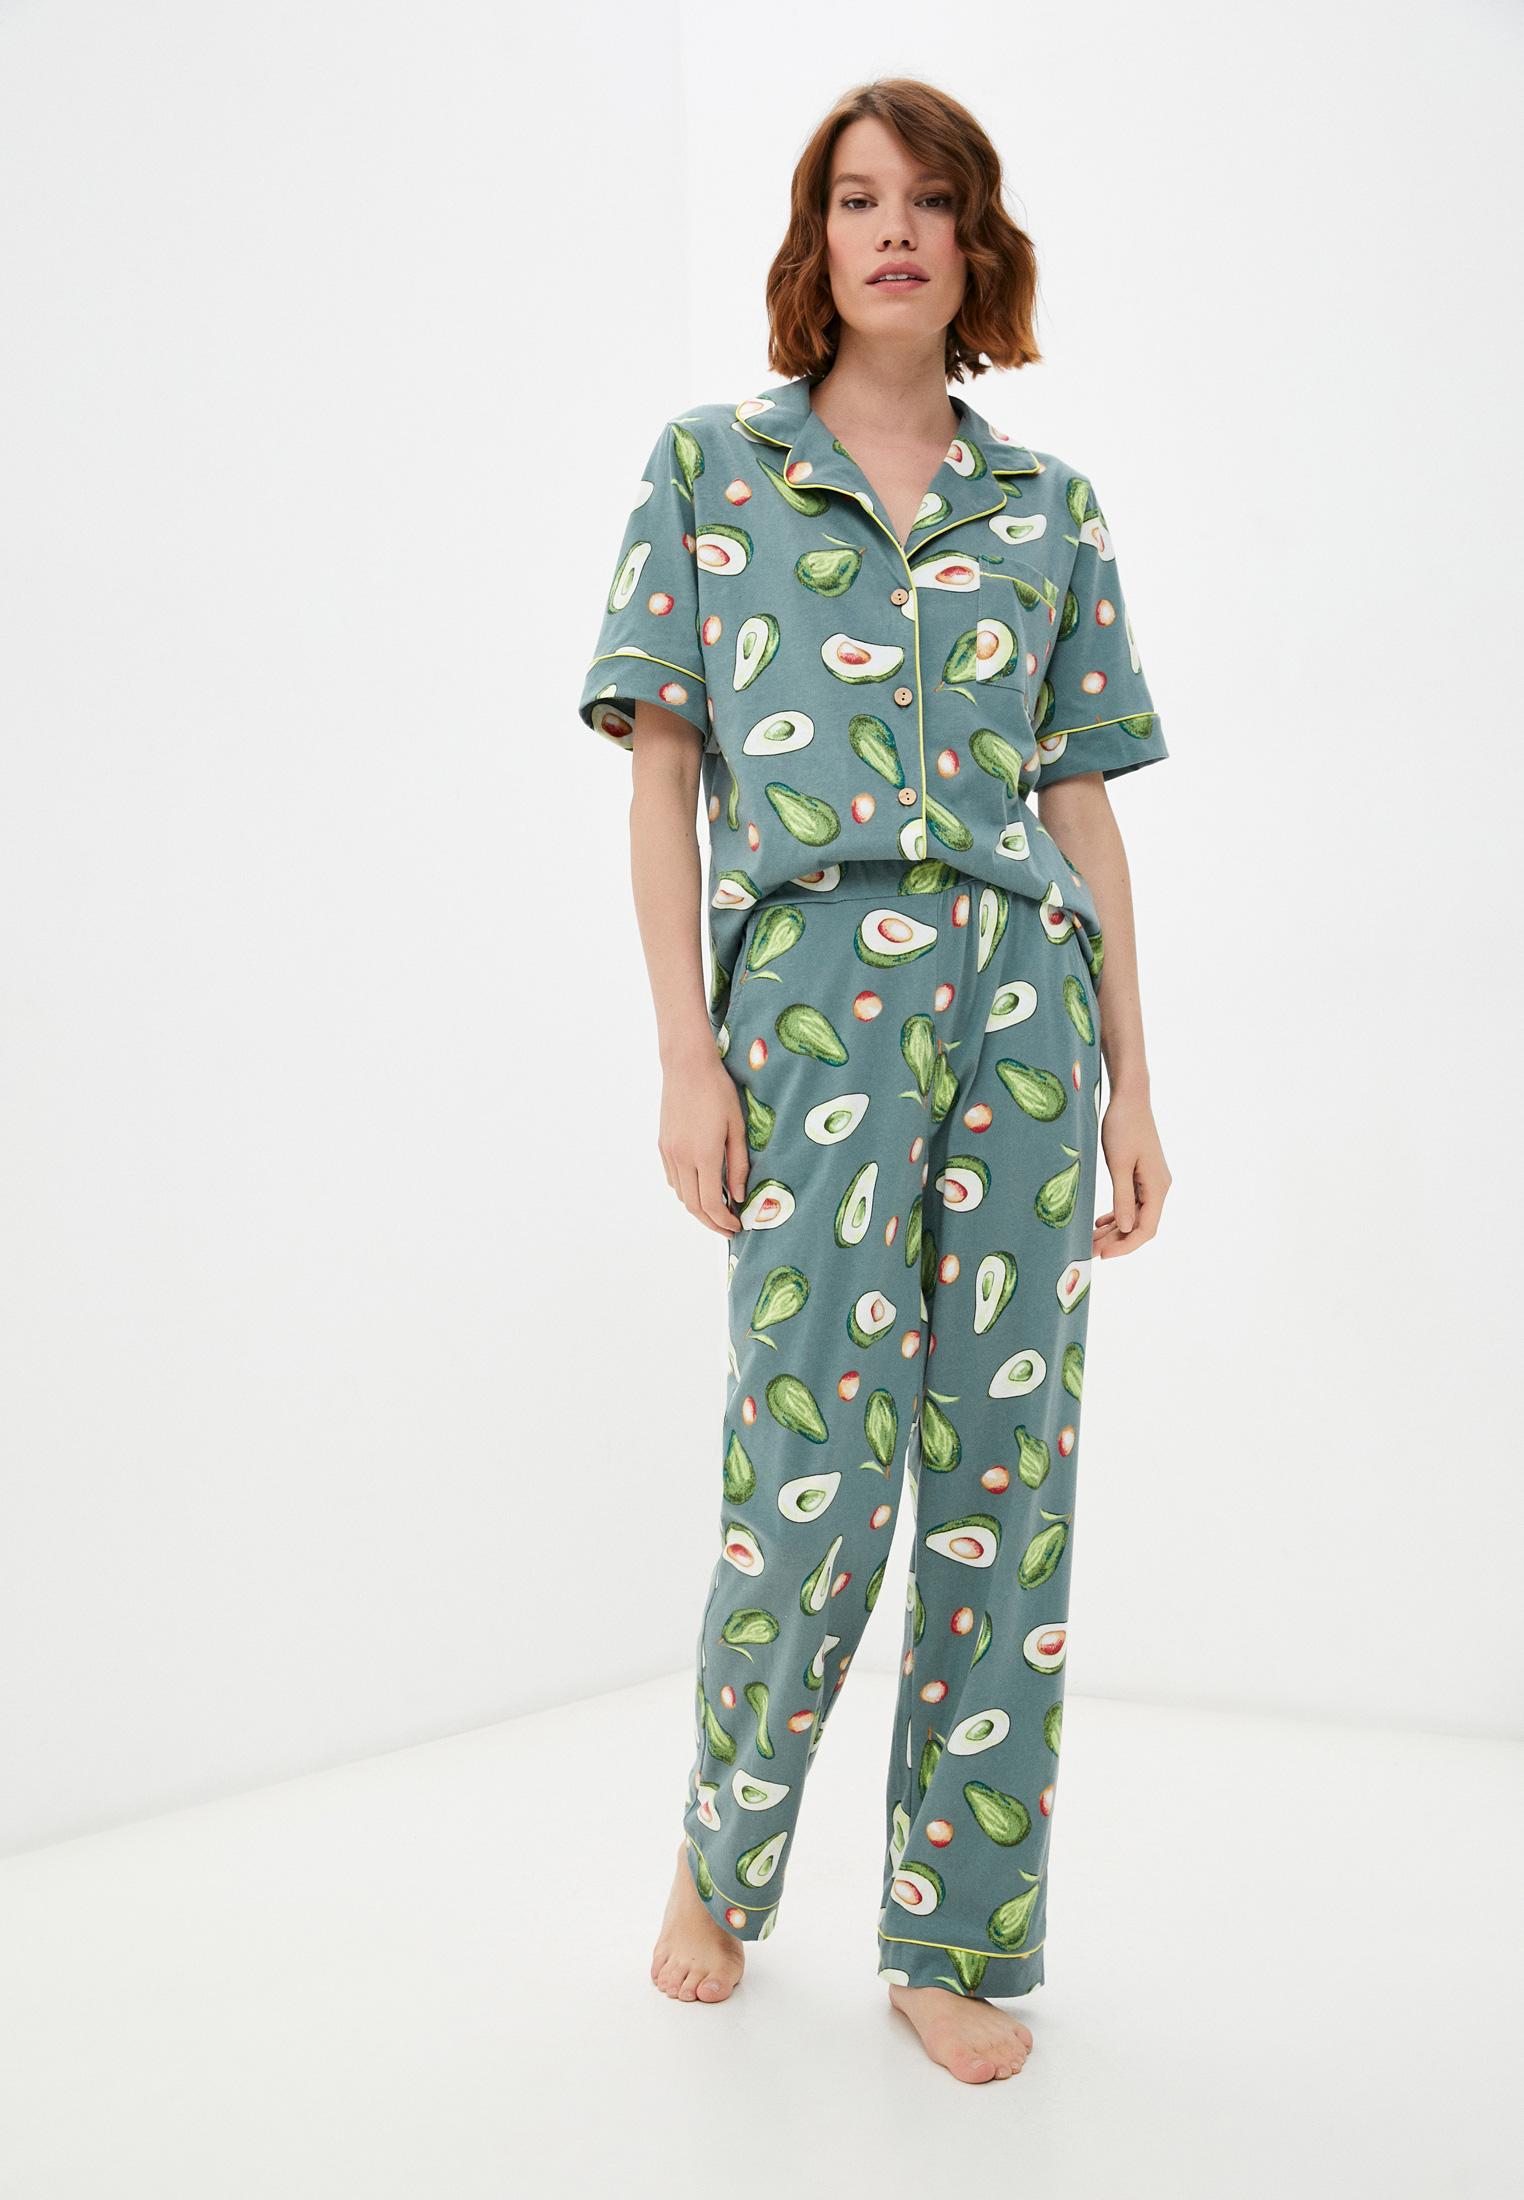 Женское белье и одежда для дома Winzor ДК384